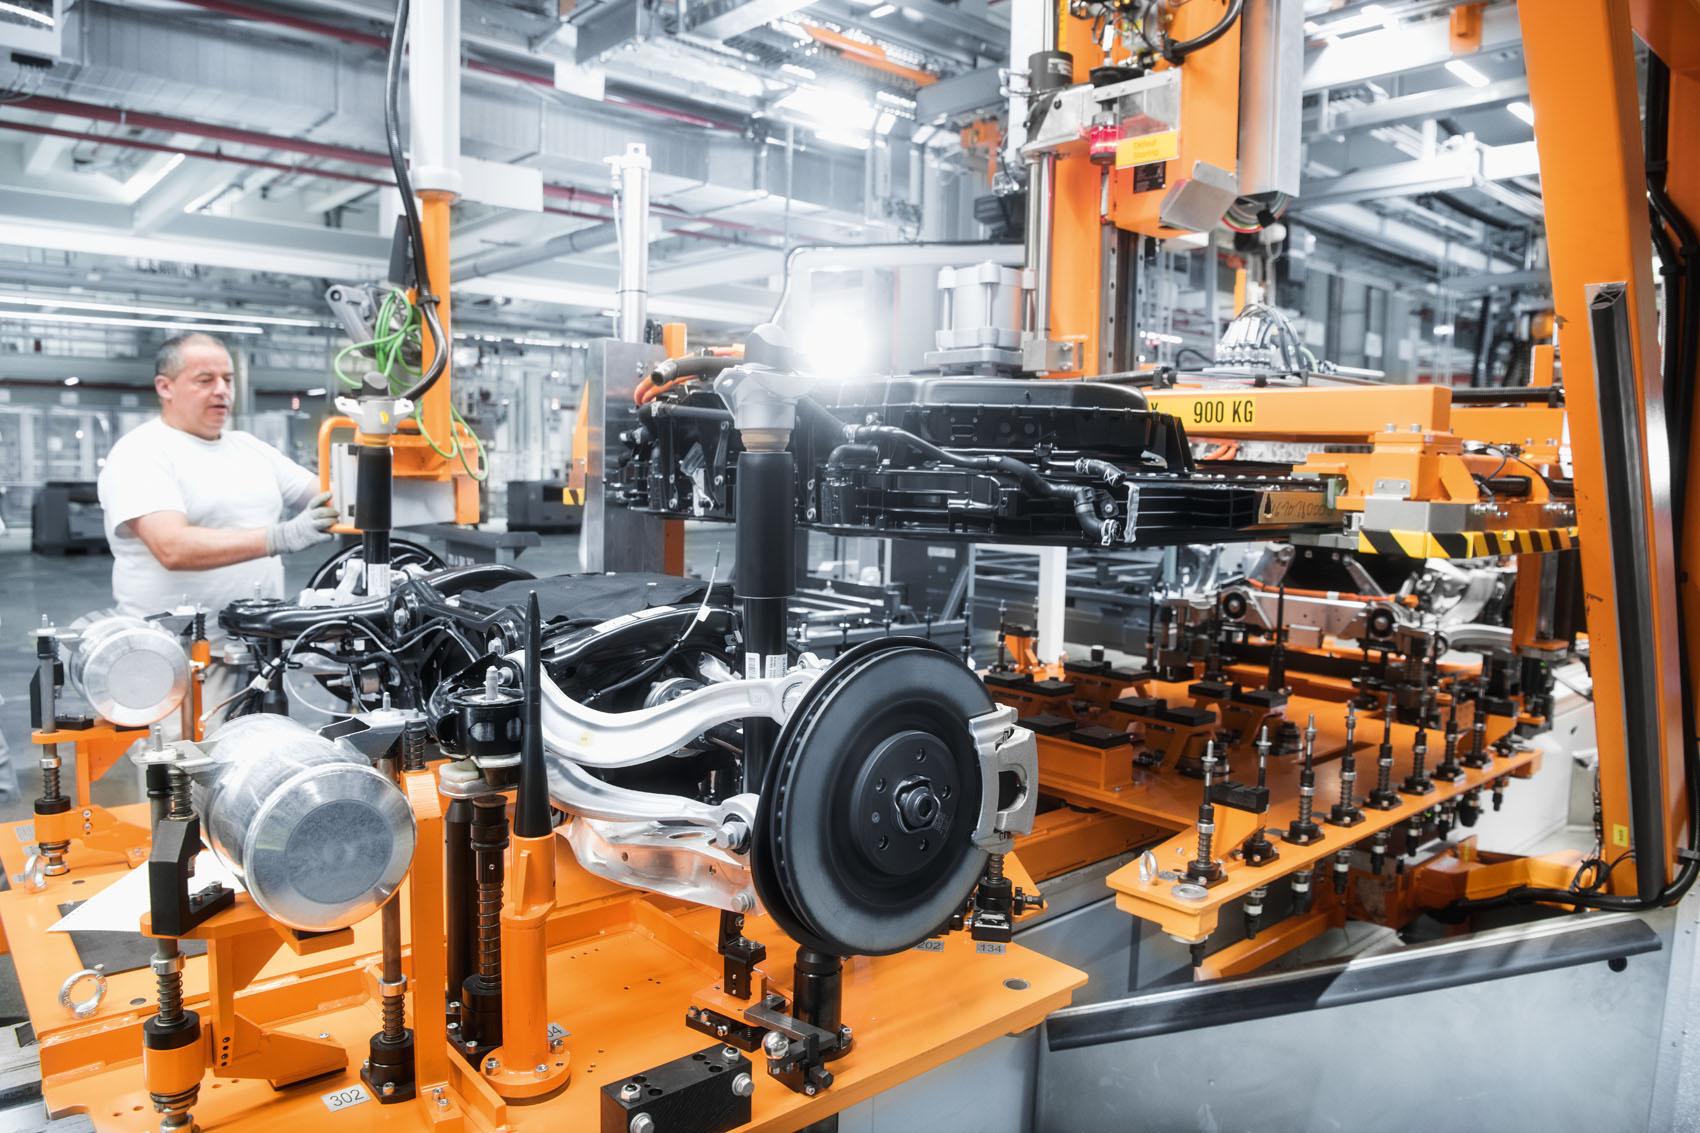 «Carrozza» di assemblaggio: Assi di trasmissione elettrica e batteria sono pronti sul supporto per essere assemblati alla carrozzeria.